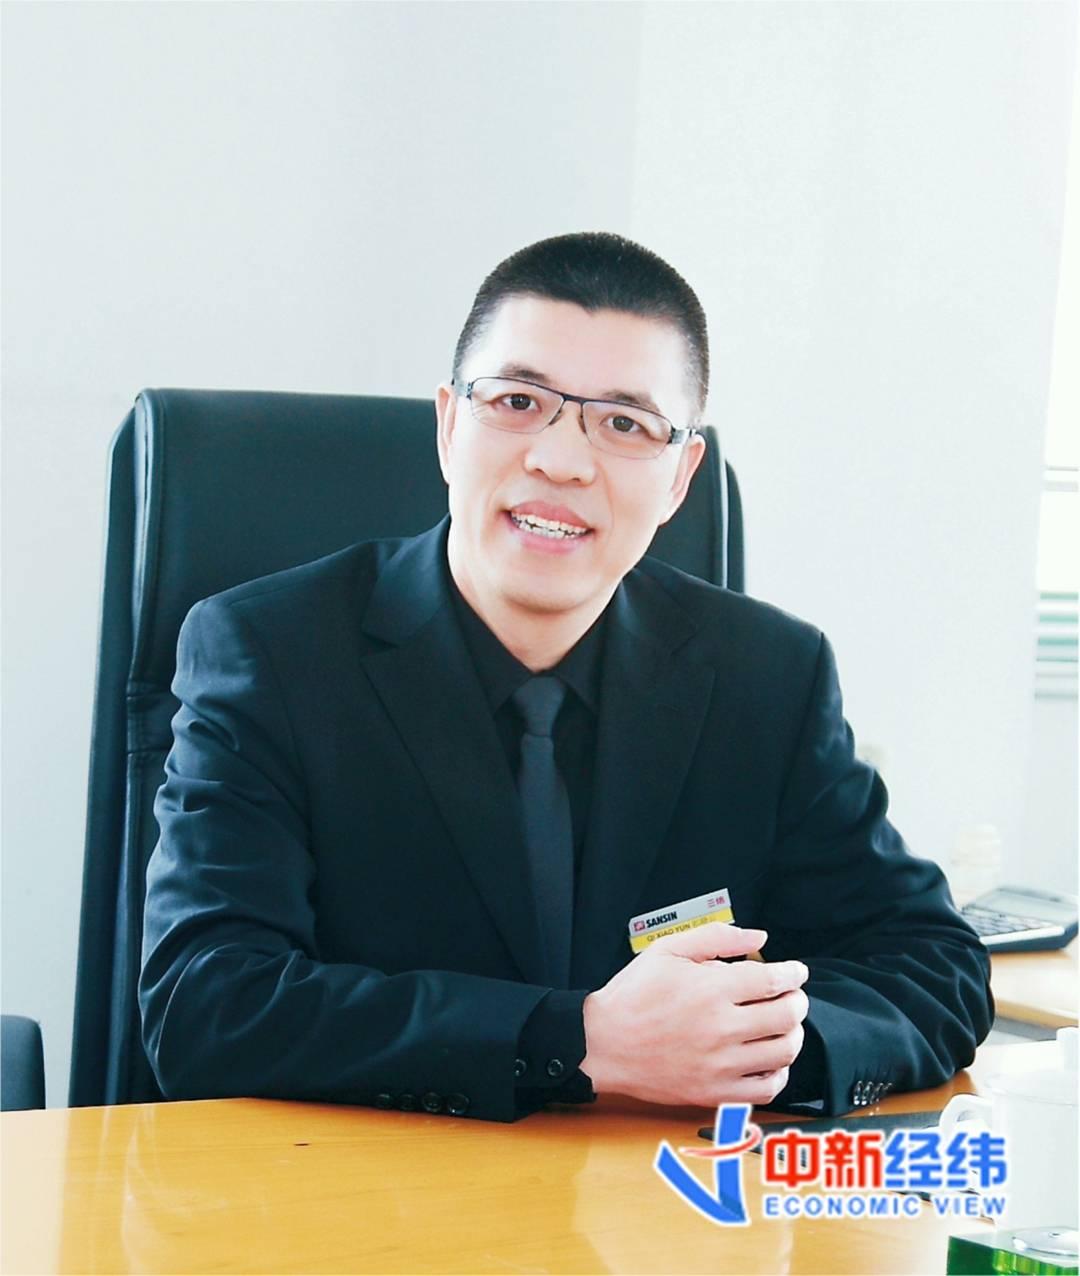 泰国华商祁晓云:在泰投资兴业有良好的基础条件